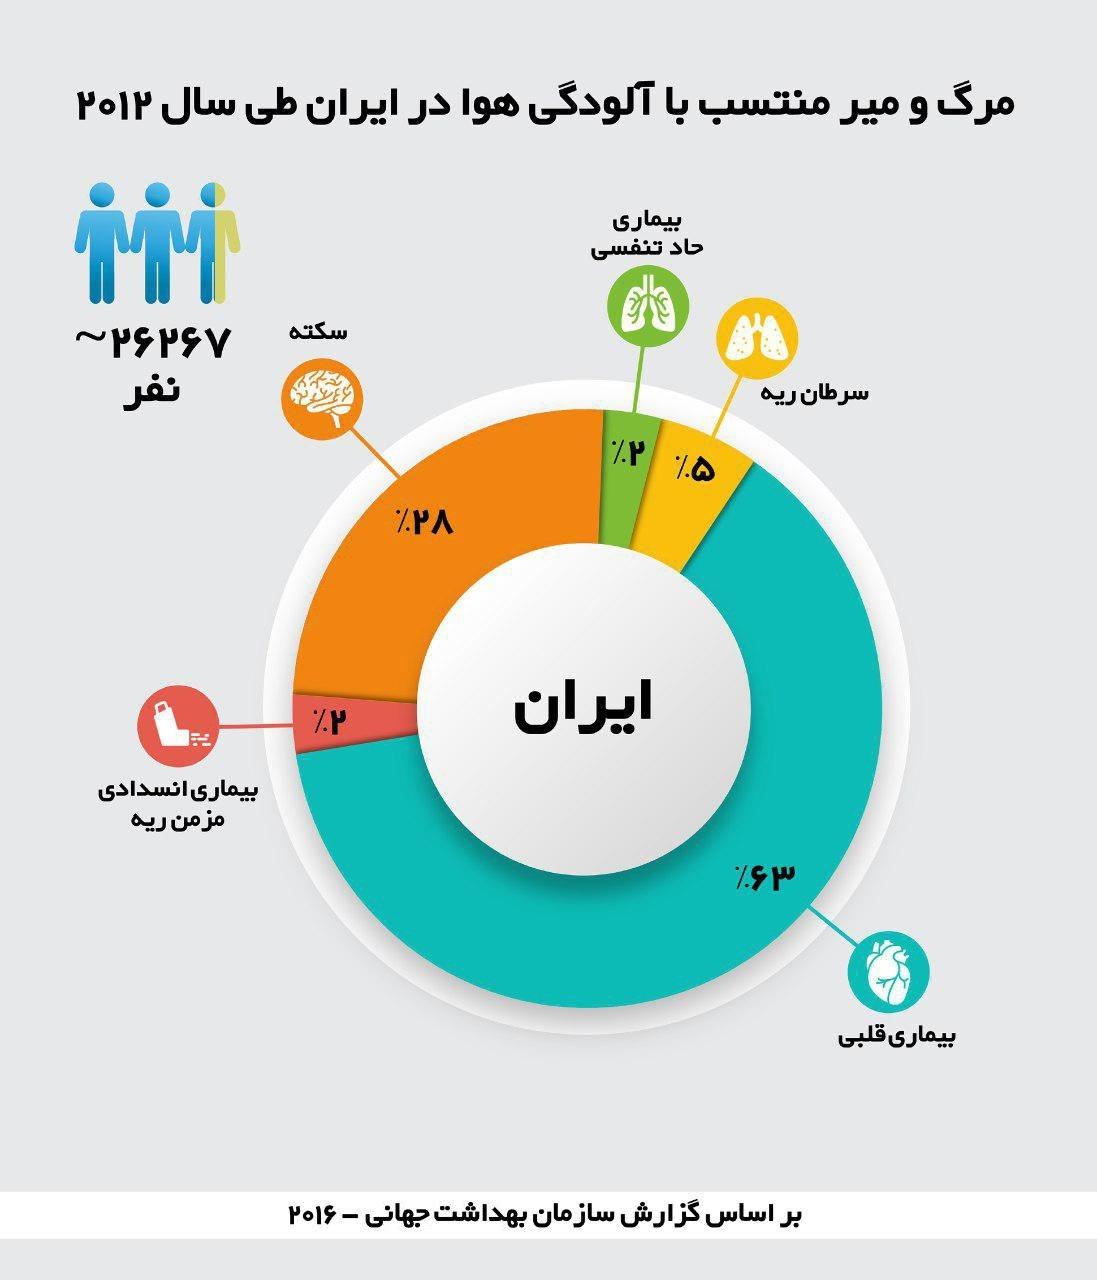 آمار هولناک؛ مرگ ۲۶ هزار ایرانی به دلیل آلودگی هوا در یکسال